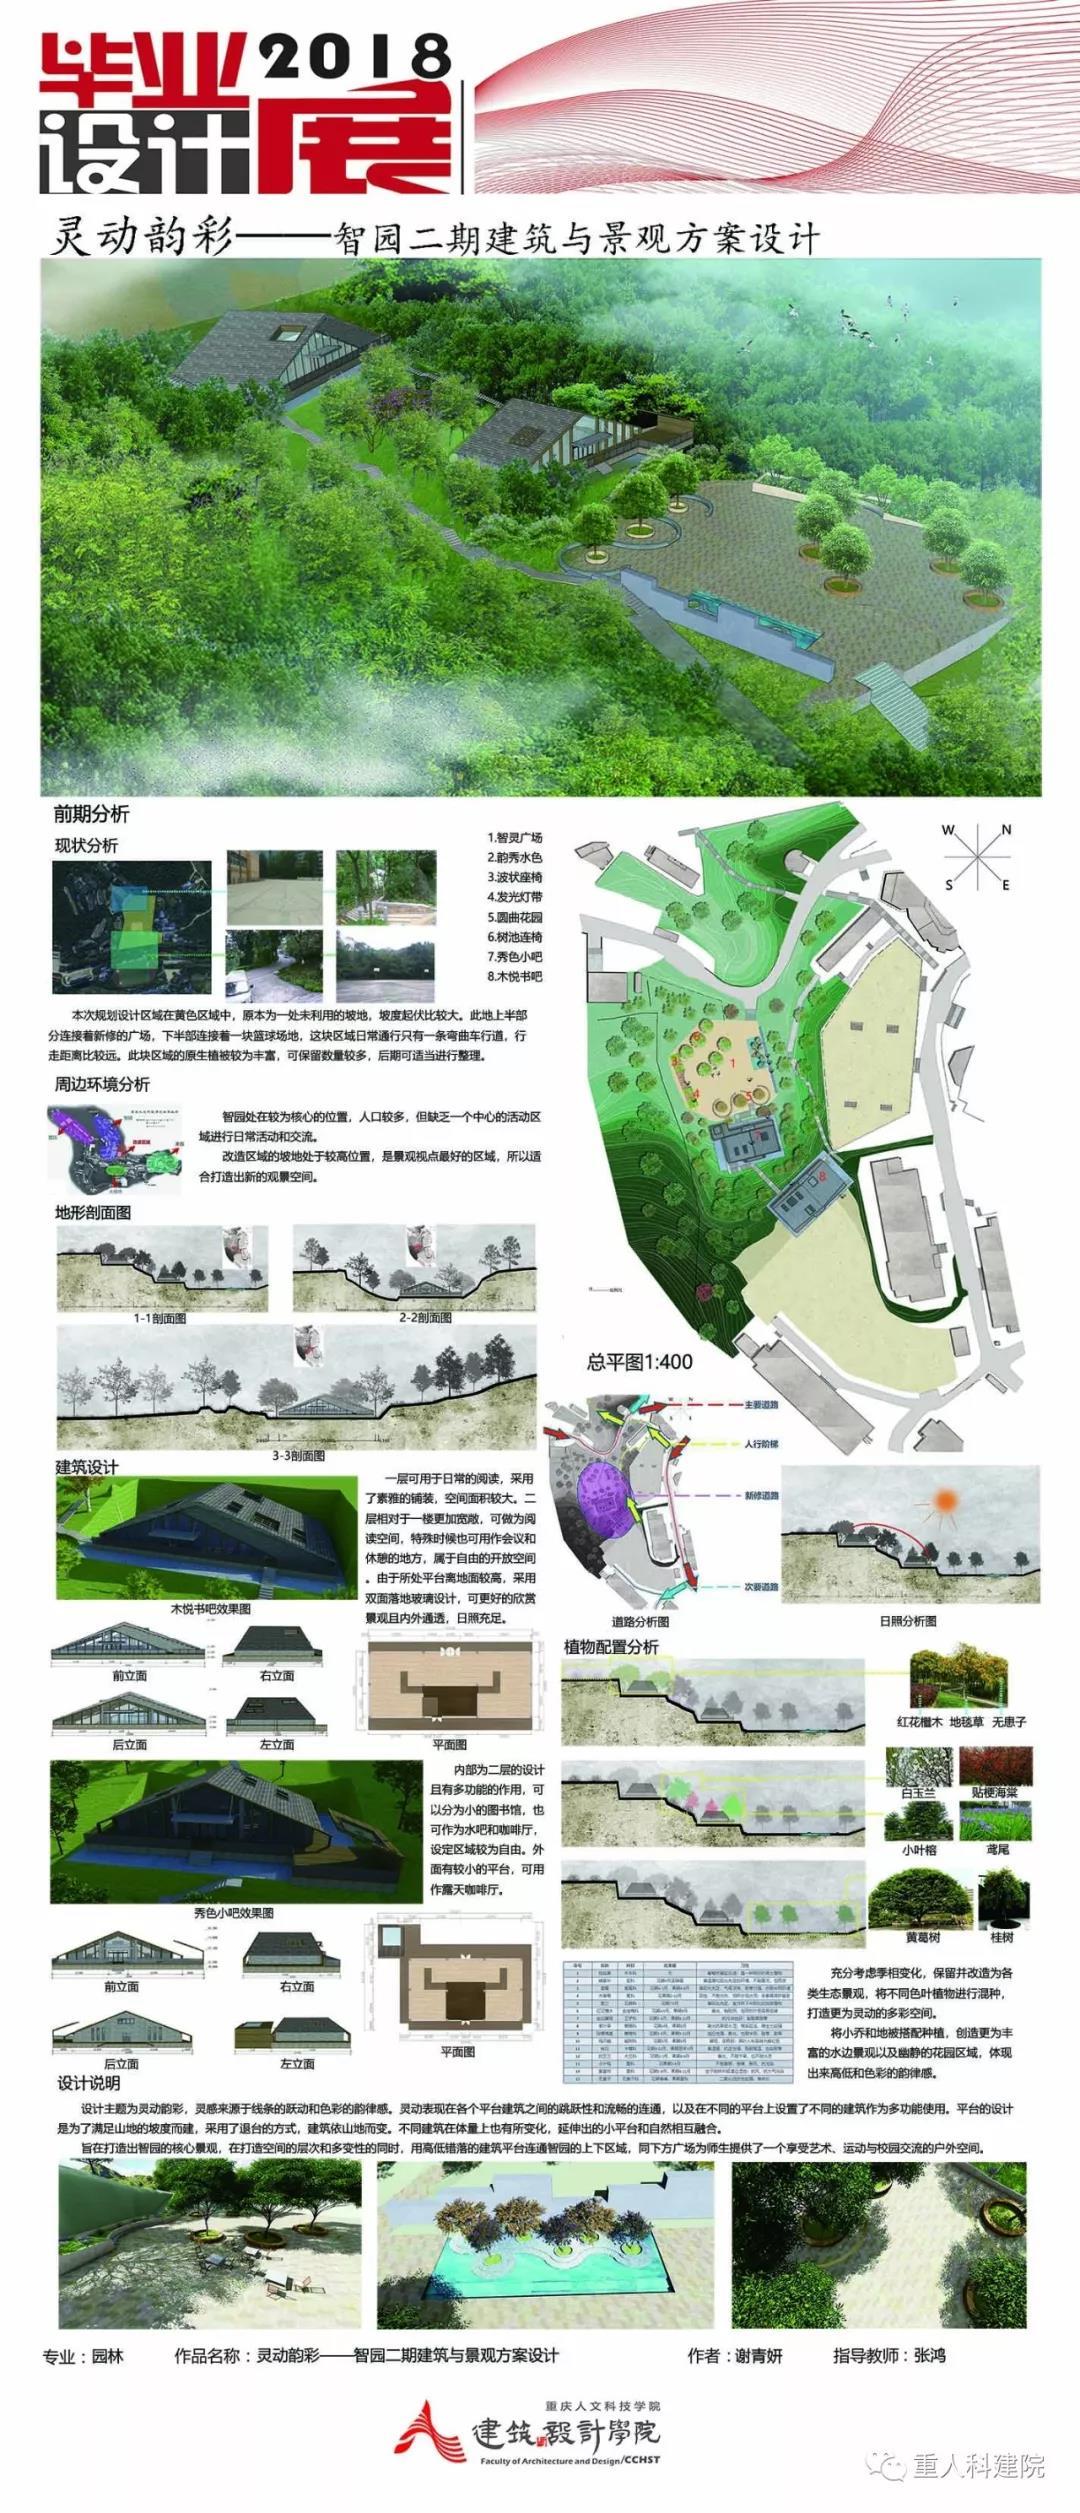 谢青研同学作品《灵动炫彩——智园二期建筑与景观方案设计》.jpg